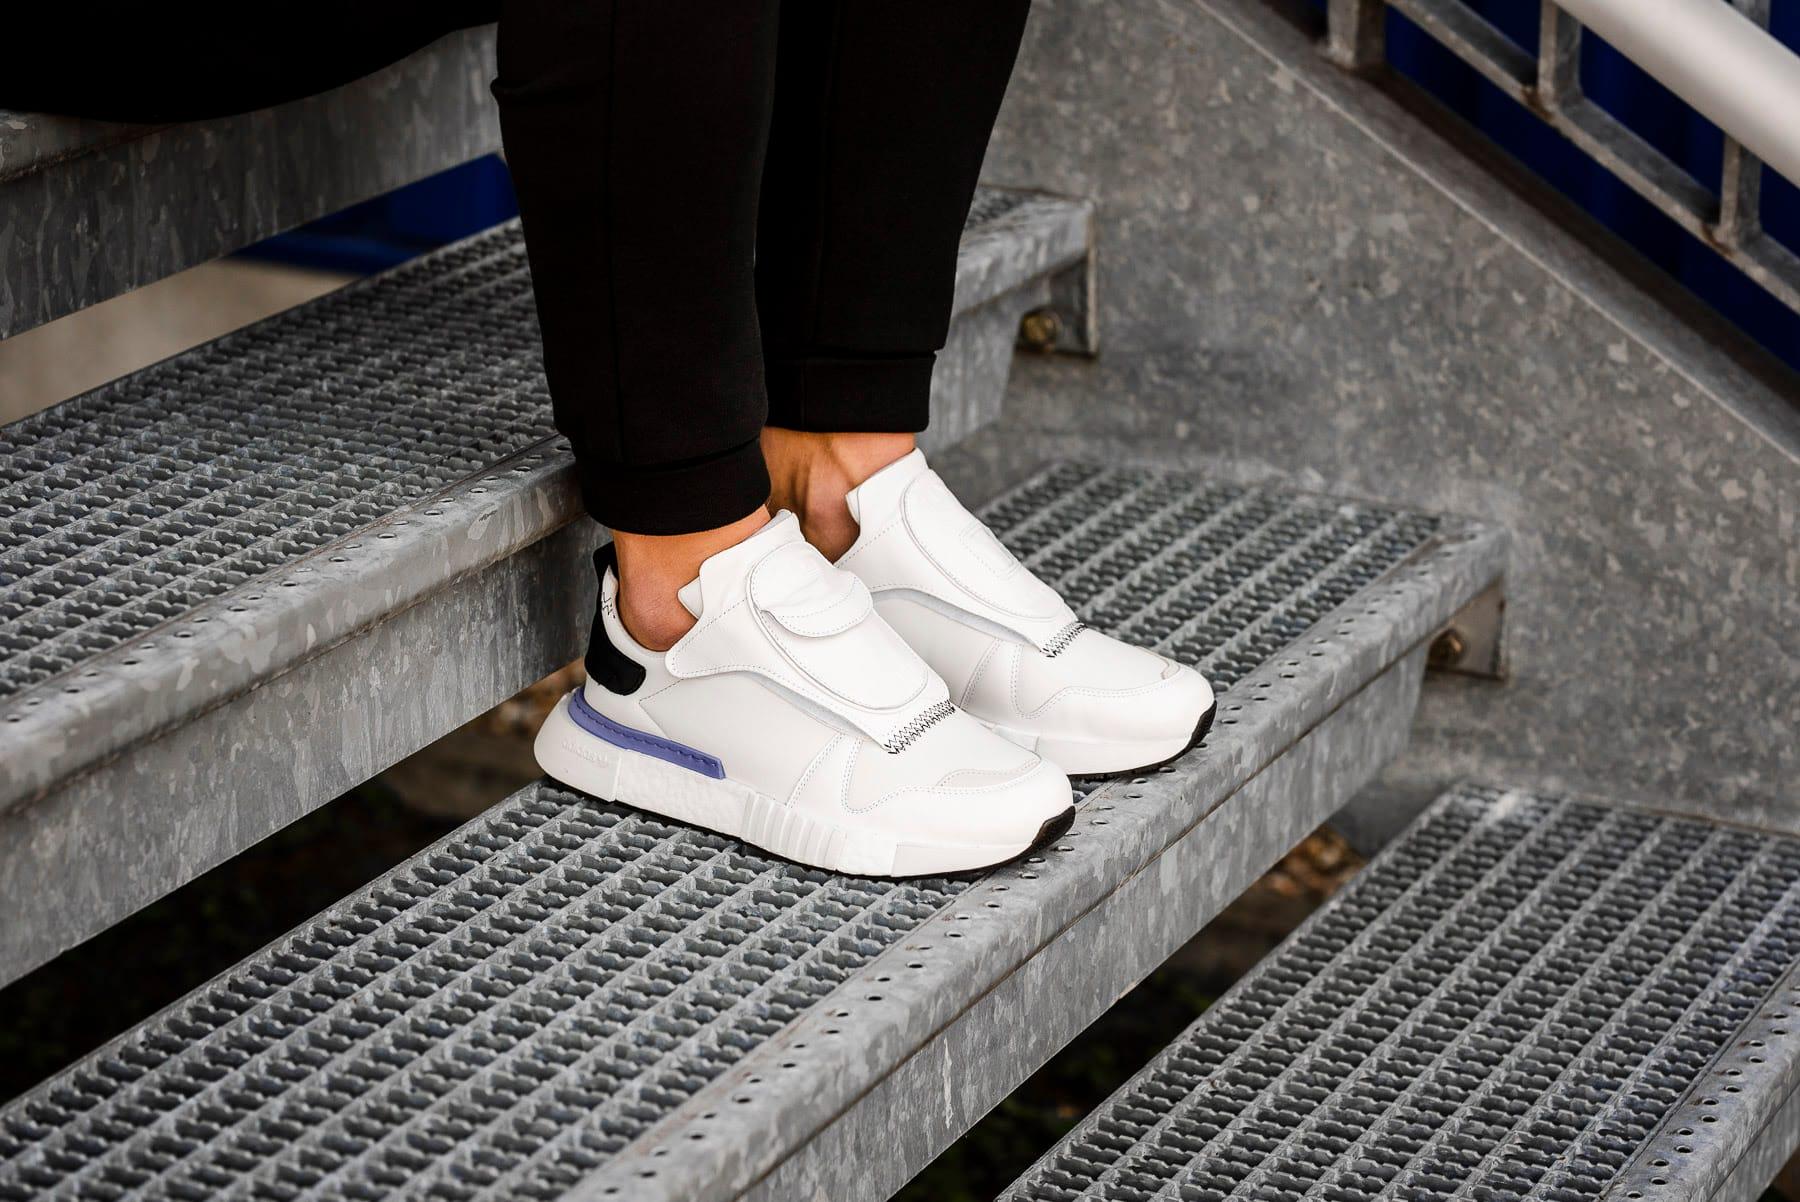 6ff6687036a Adidas Futurepacer Grey One On Feet Adidas Futurepacer Sizing ...